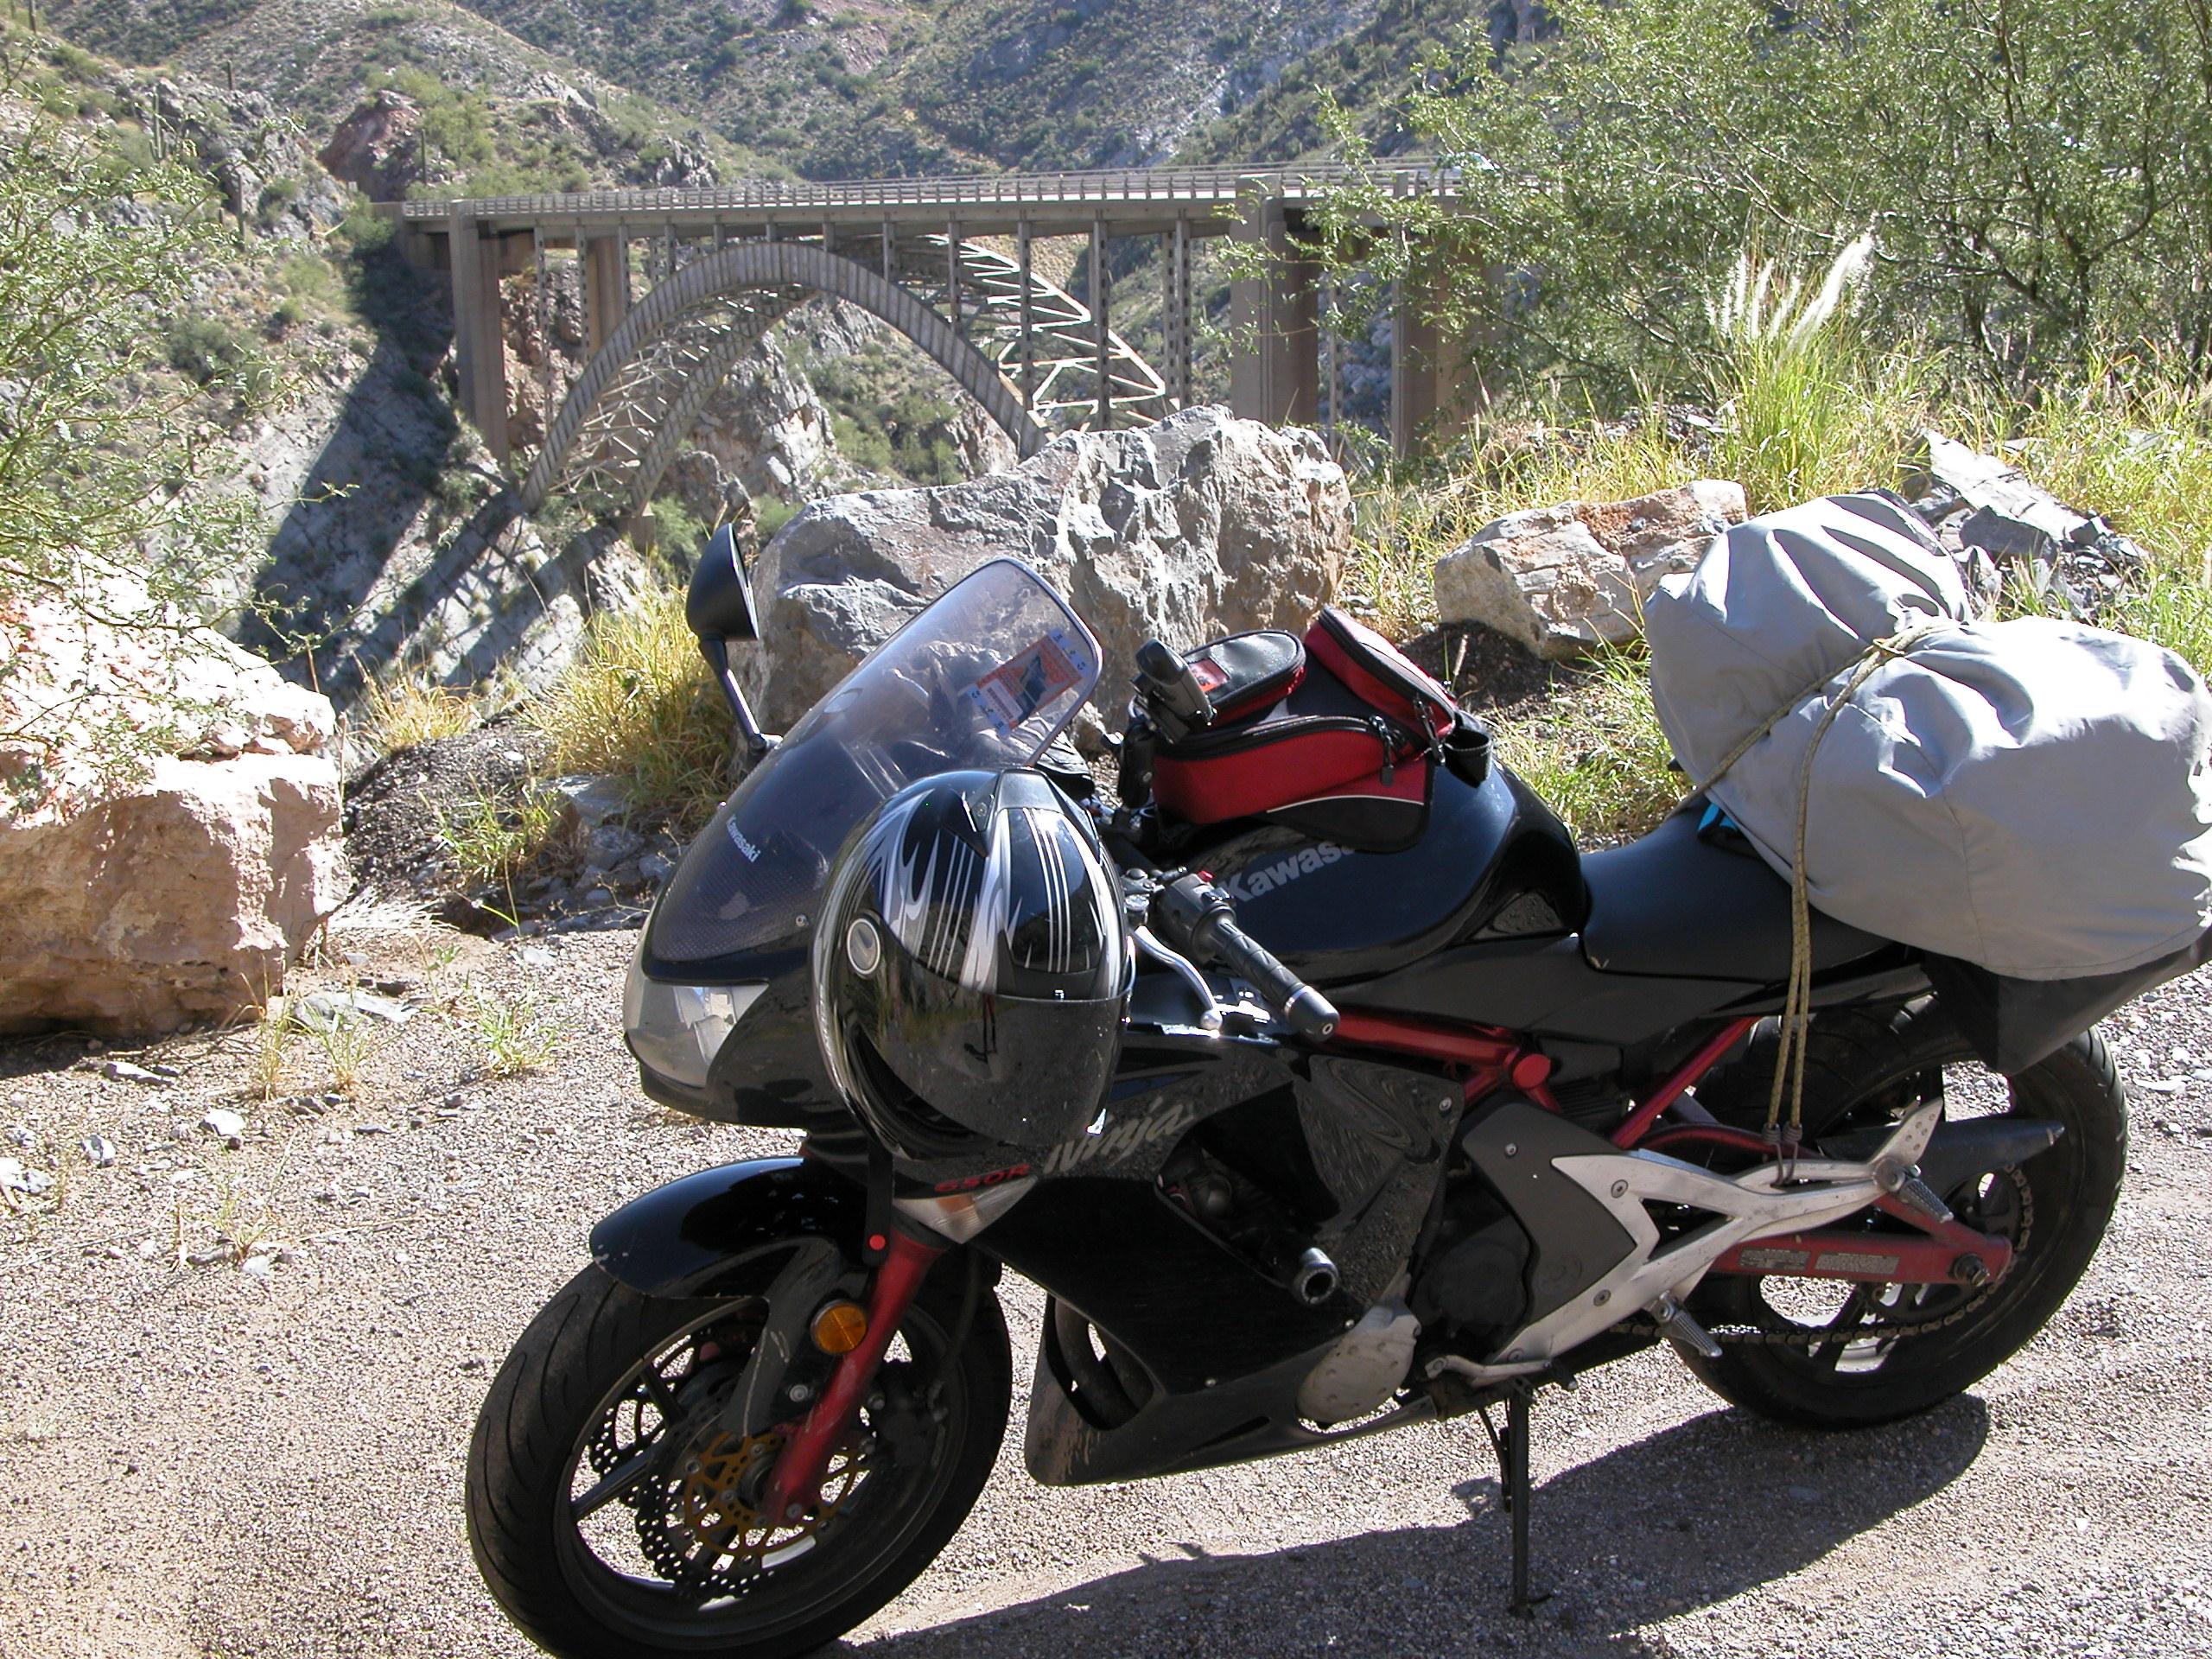 2006 Kawasaki Ninja 650r Review 40000 Miles Later Atlas Rider Wiring Harness Routing The